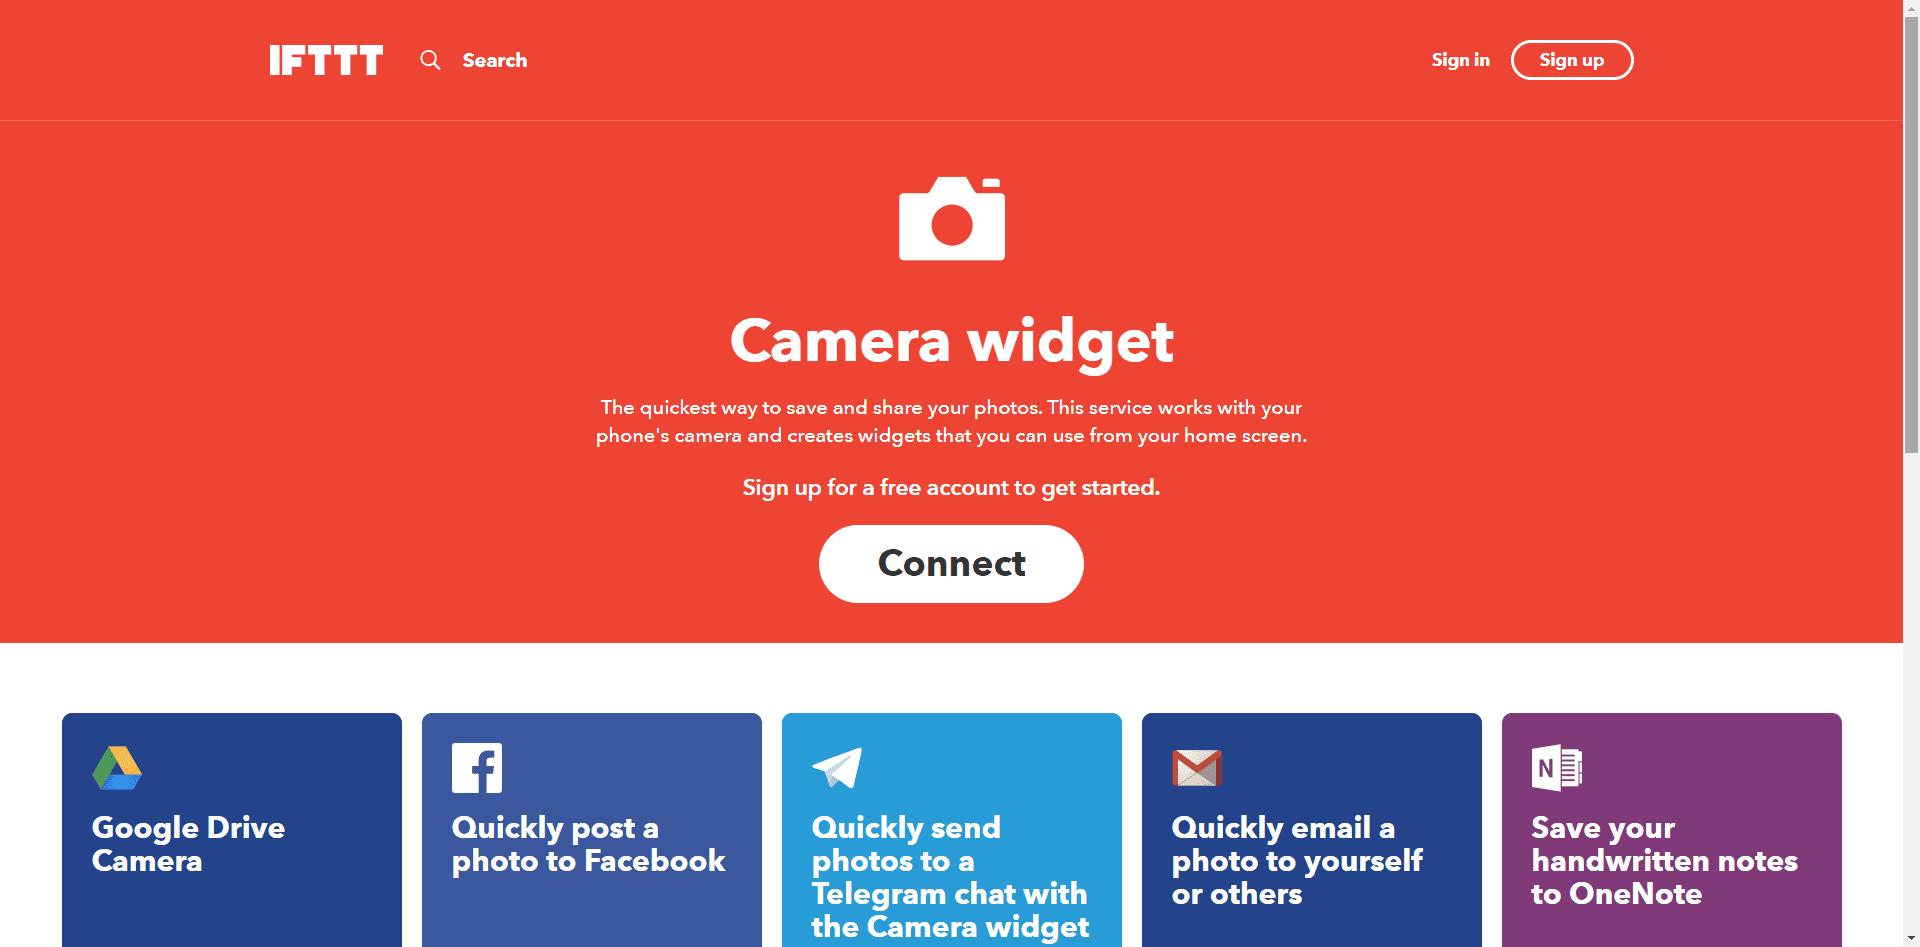 The IFTTT Camera widget app.